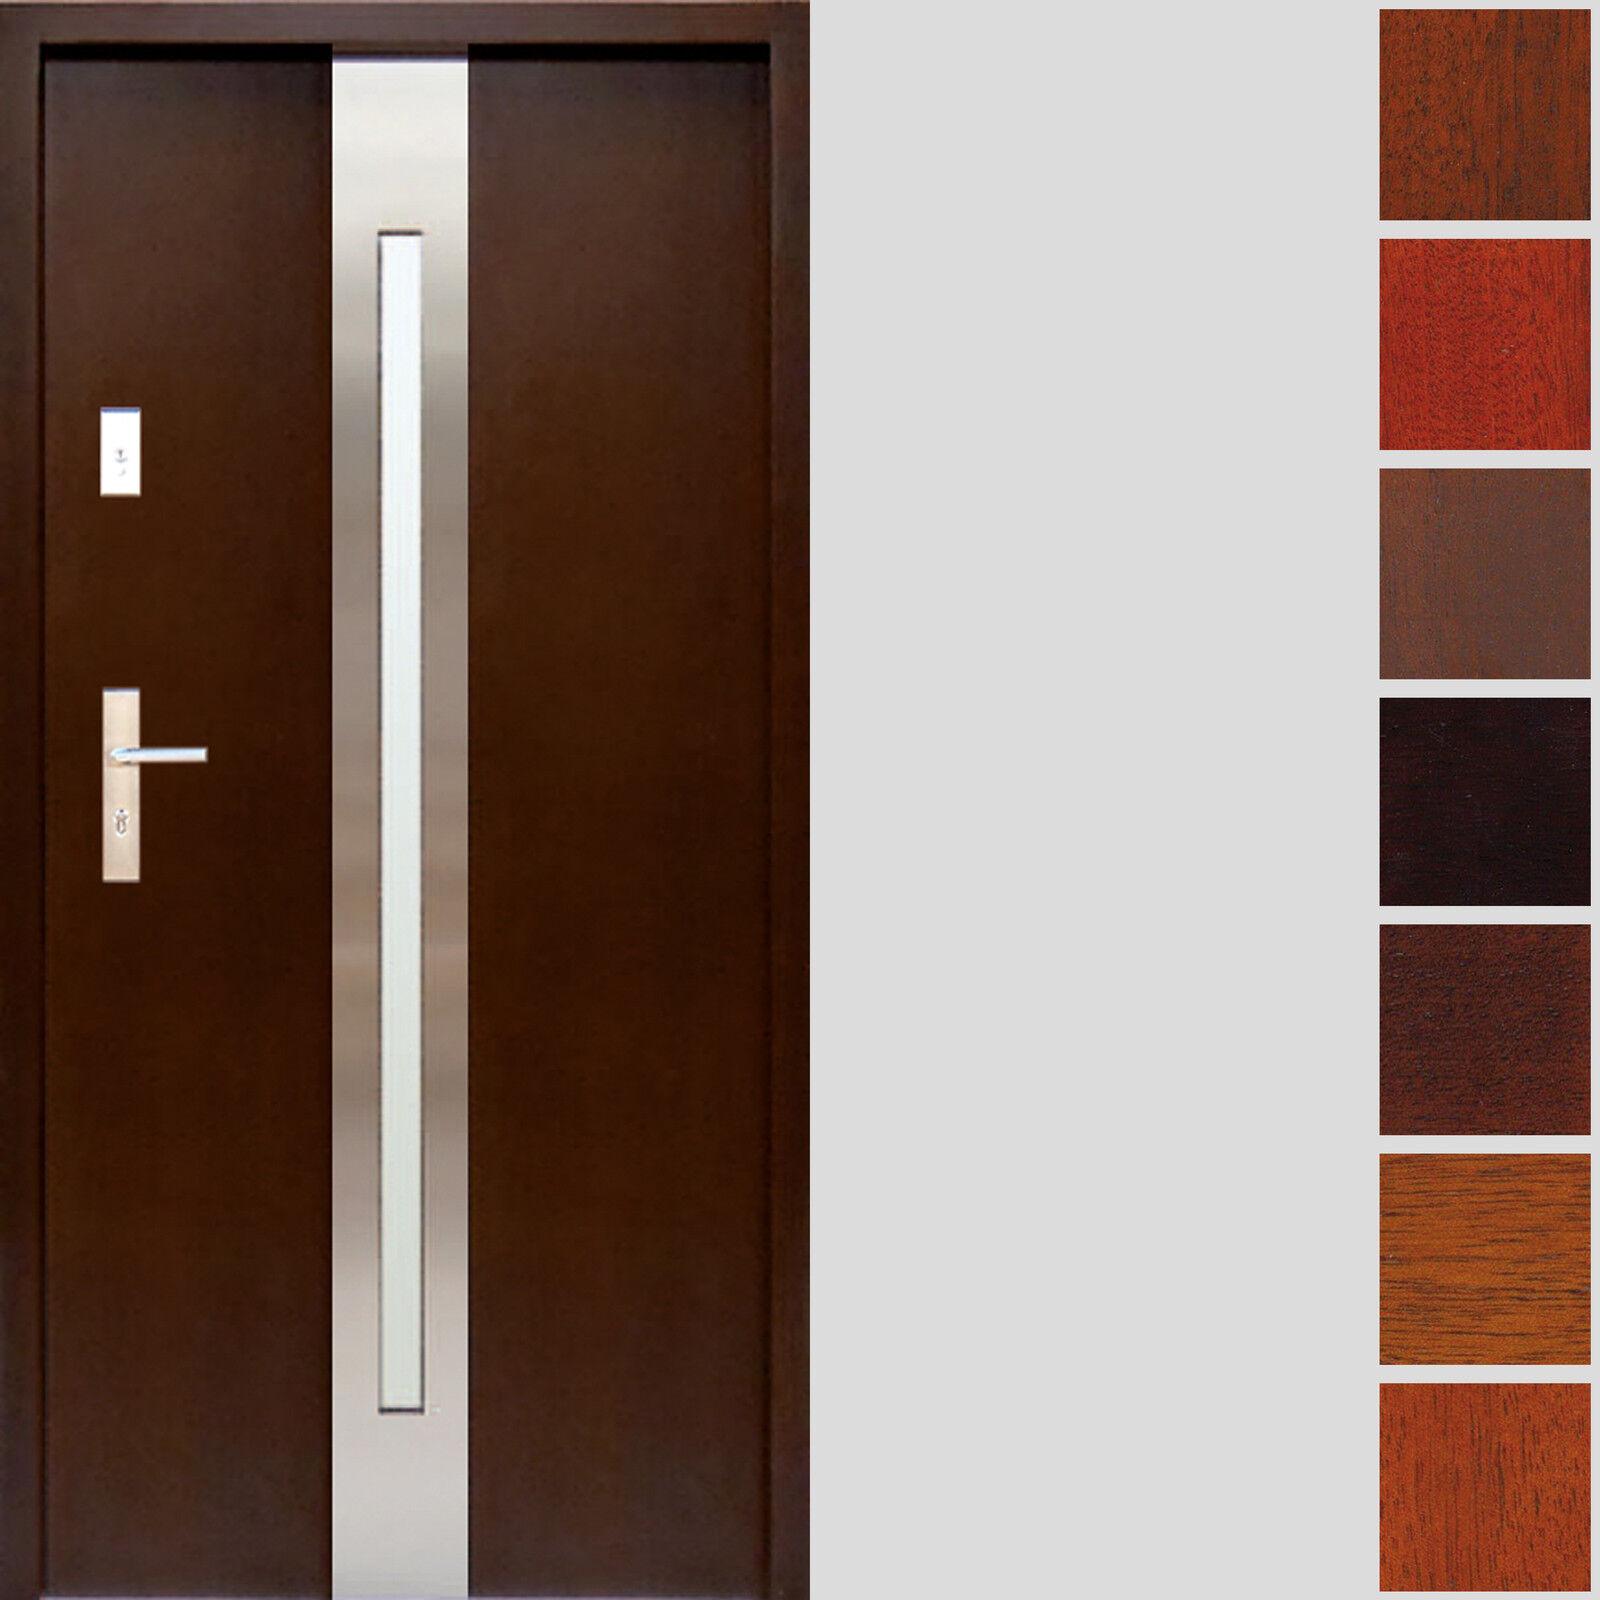 Holzaußentür Andre Tür Haustür Eingangstür Holtztür 80 100 74 mm Hauseingangstür